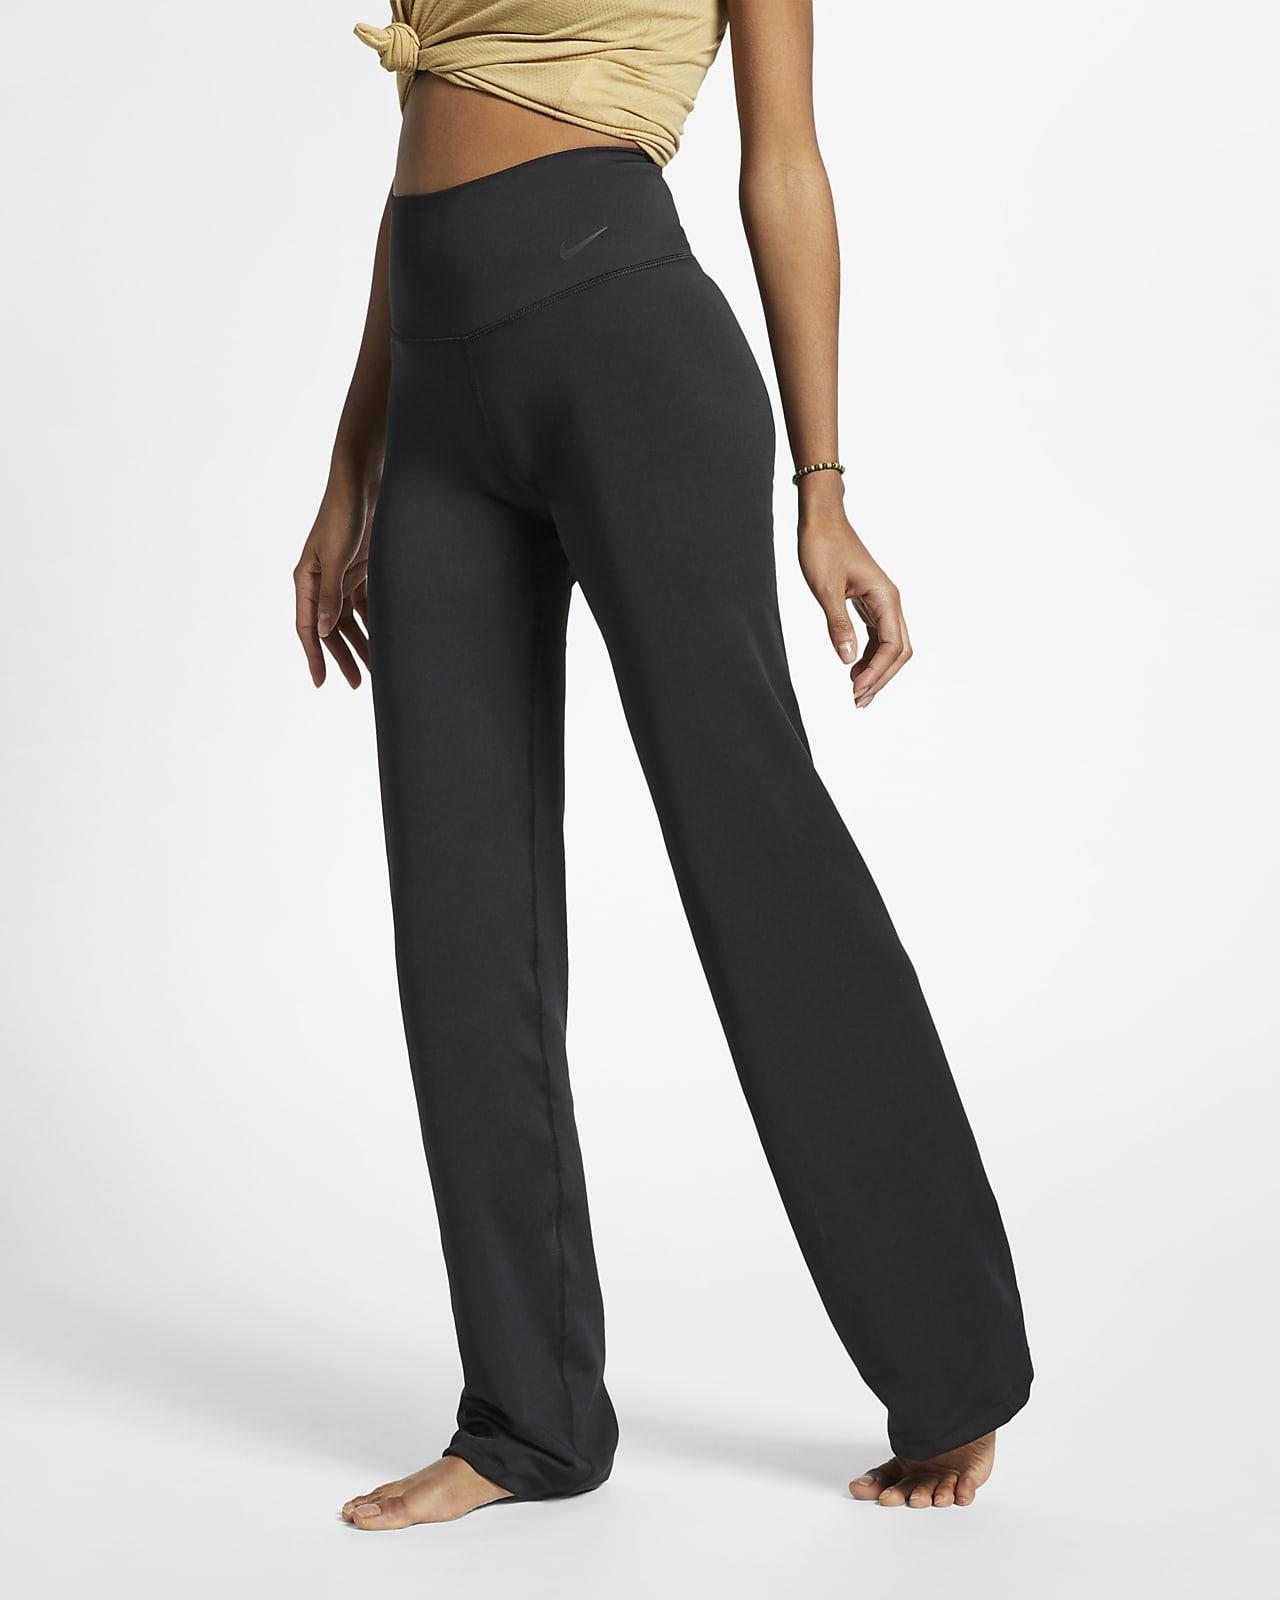 Calças de ioga Nike Power para mulher